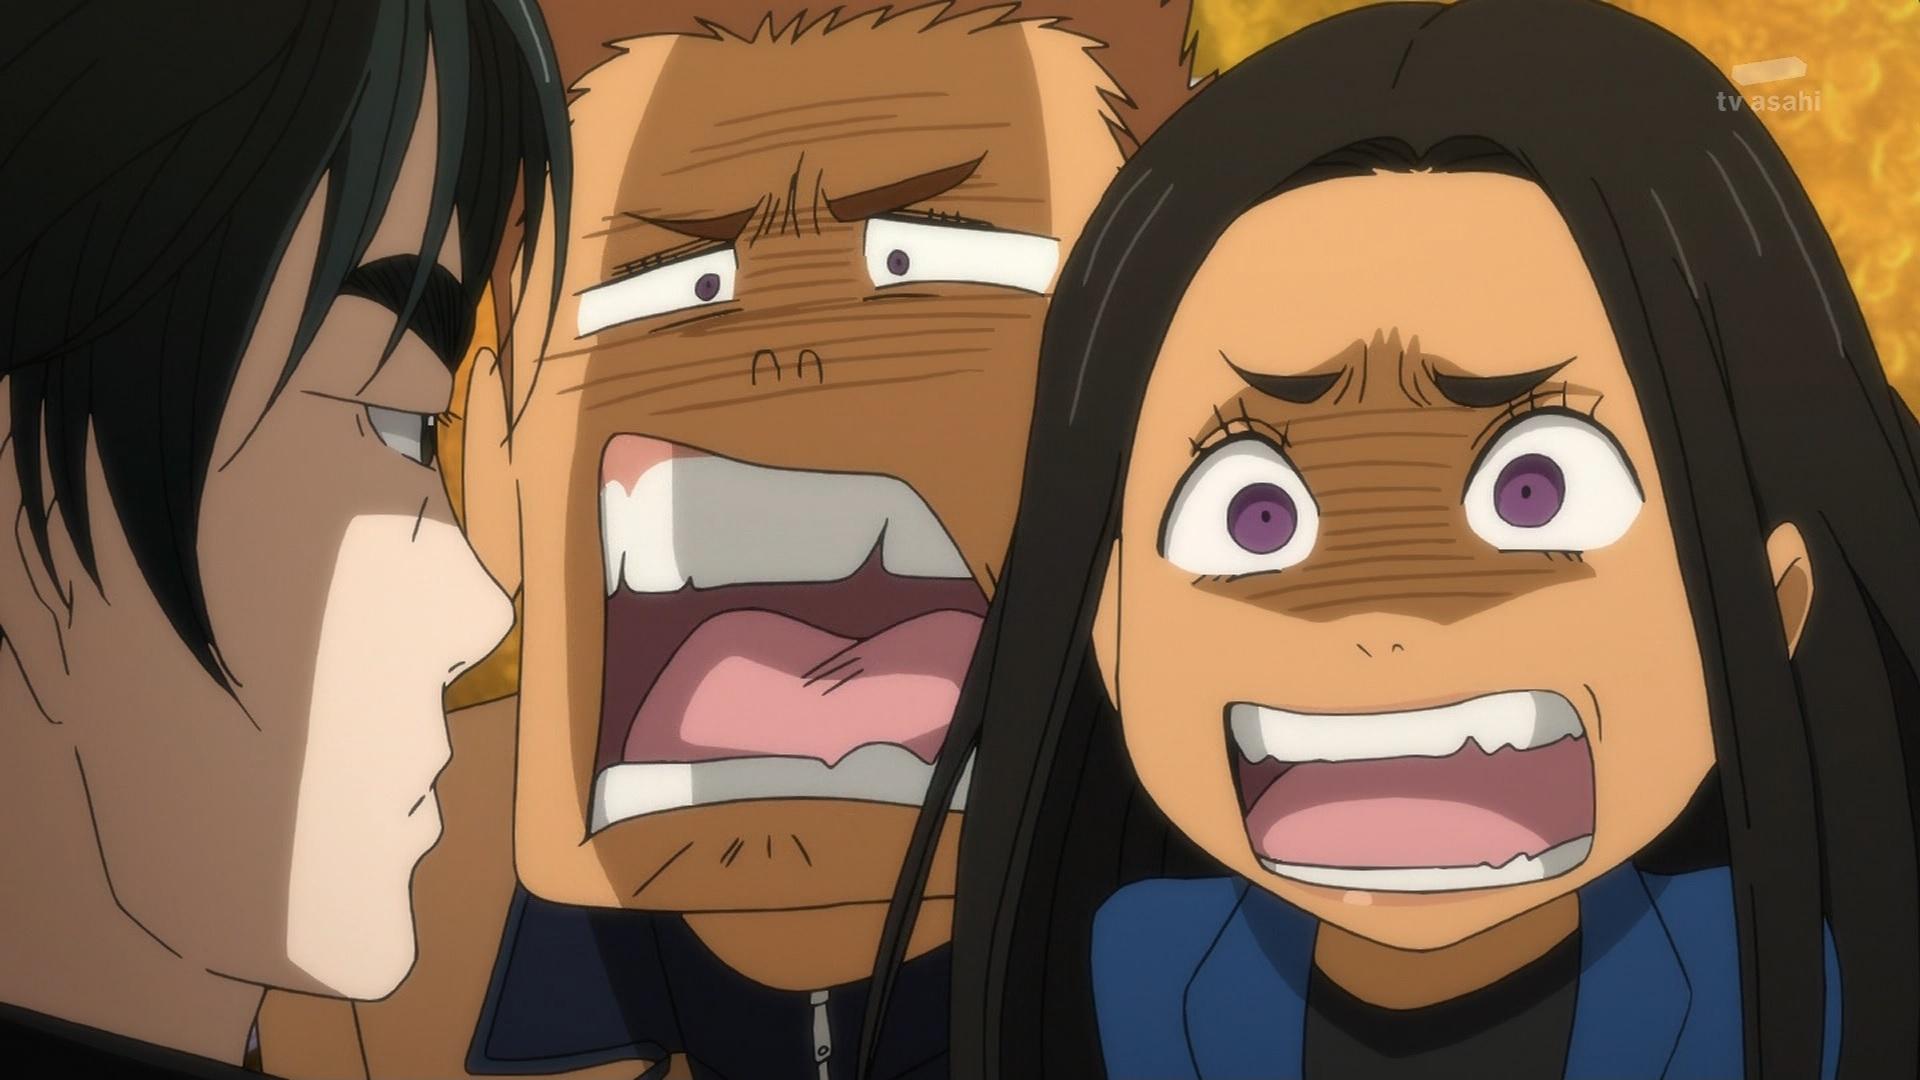 イ・スンギルとミケーレ・クリスピーノと妹サーラ(第8話画像)